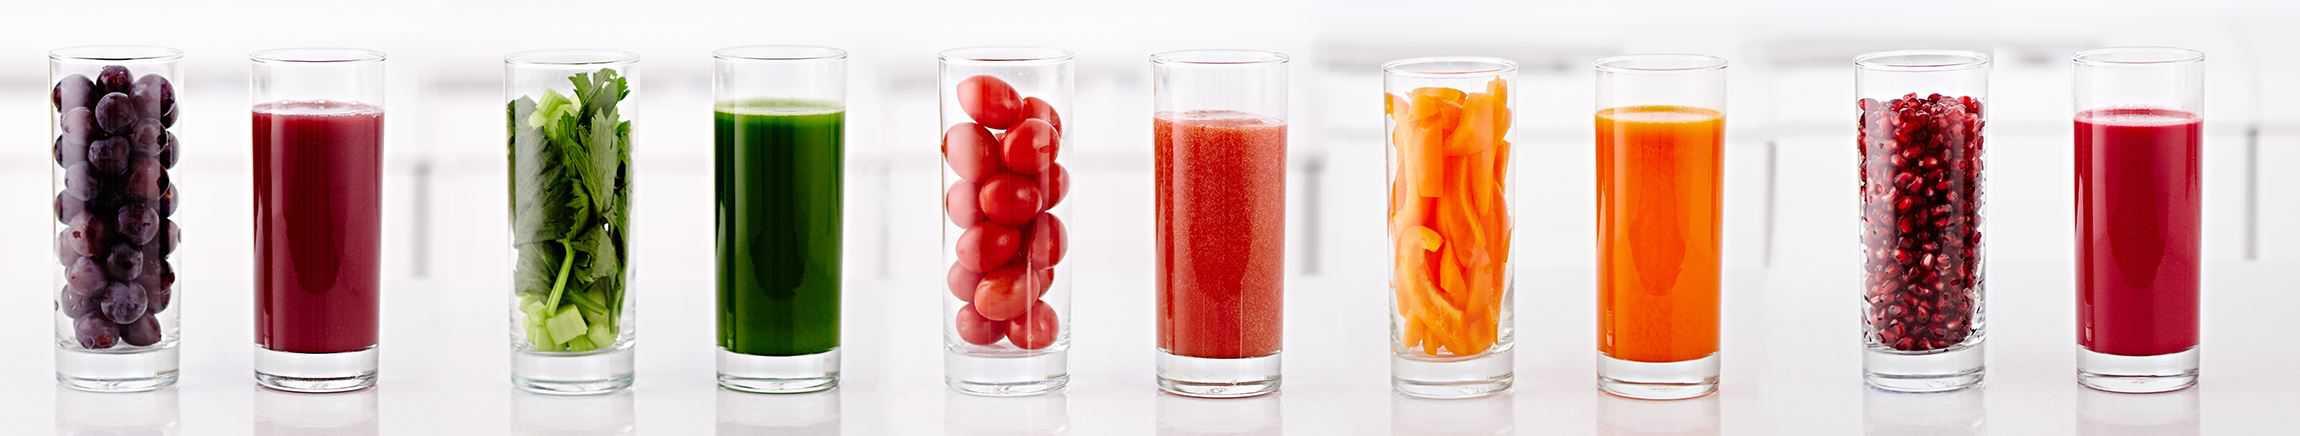 Hurom sokovi u čašama.